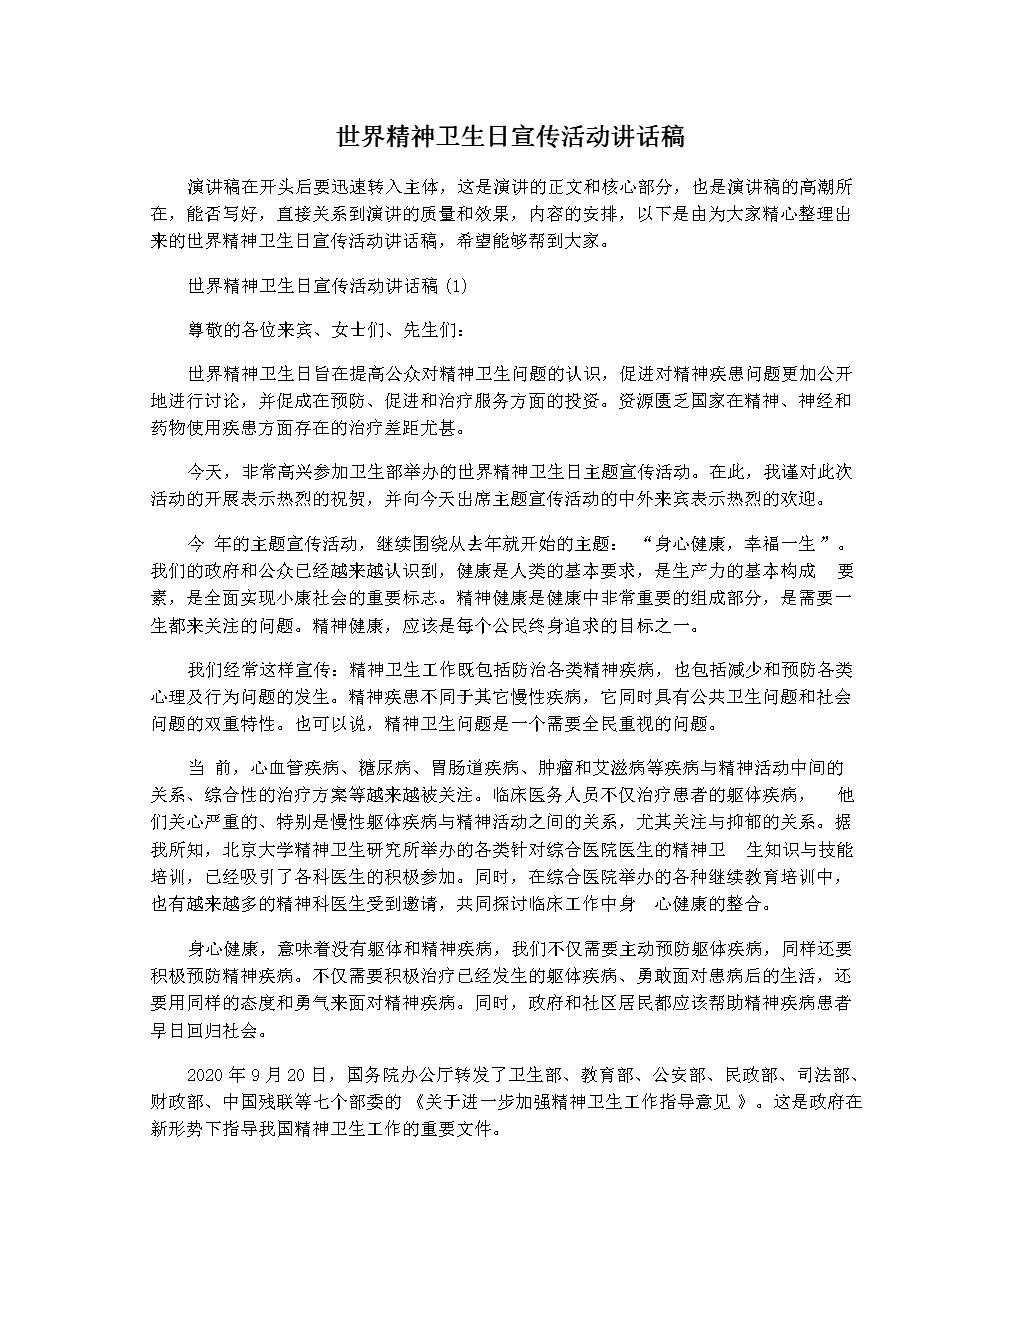 世界精神卫生日宣传活动讲话稿.docx